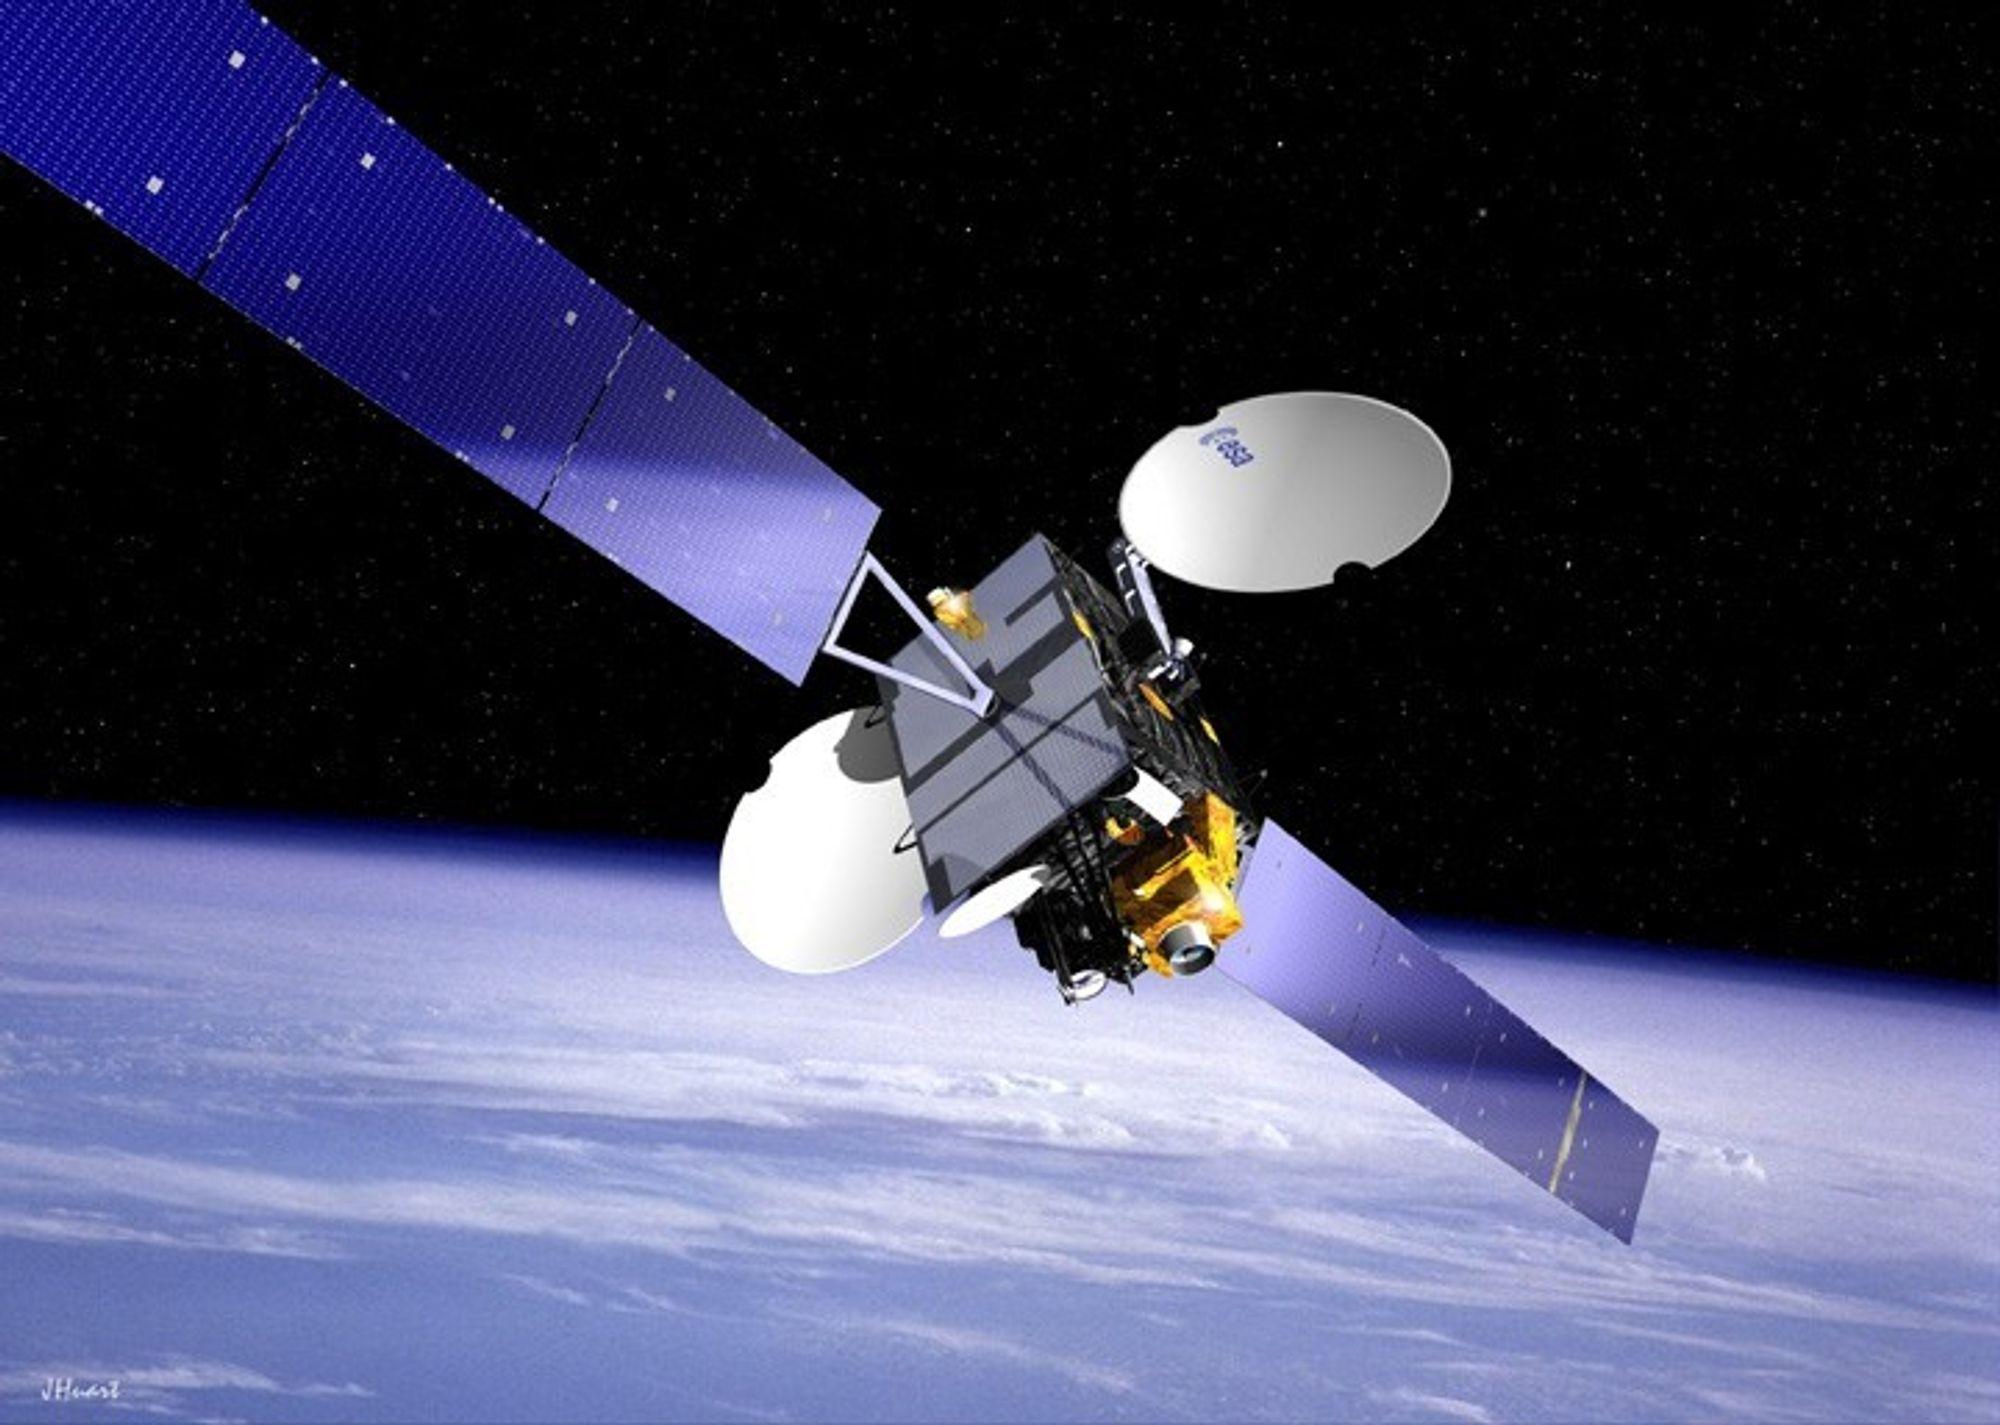 FØRSTE GANG: Romkollisjoner er sjeldne. Og aldri før har to fungerende og intakte satellitter vært i sammenstøt, ifølge NASA.